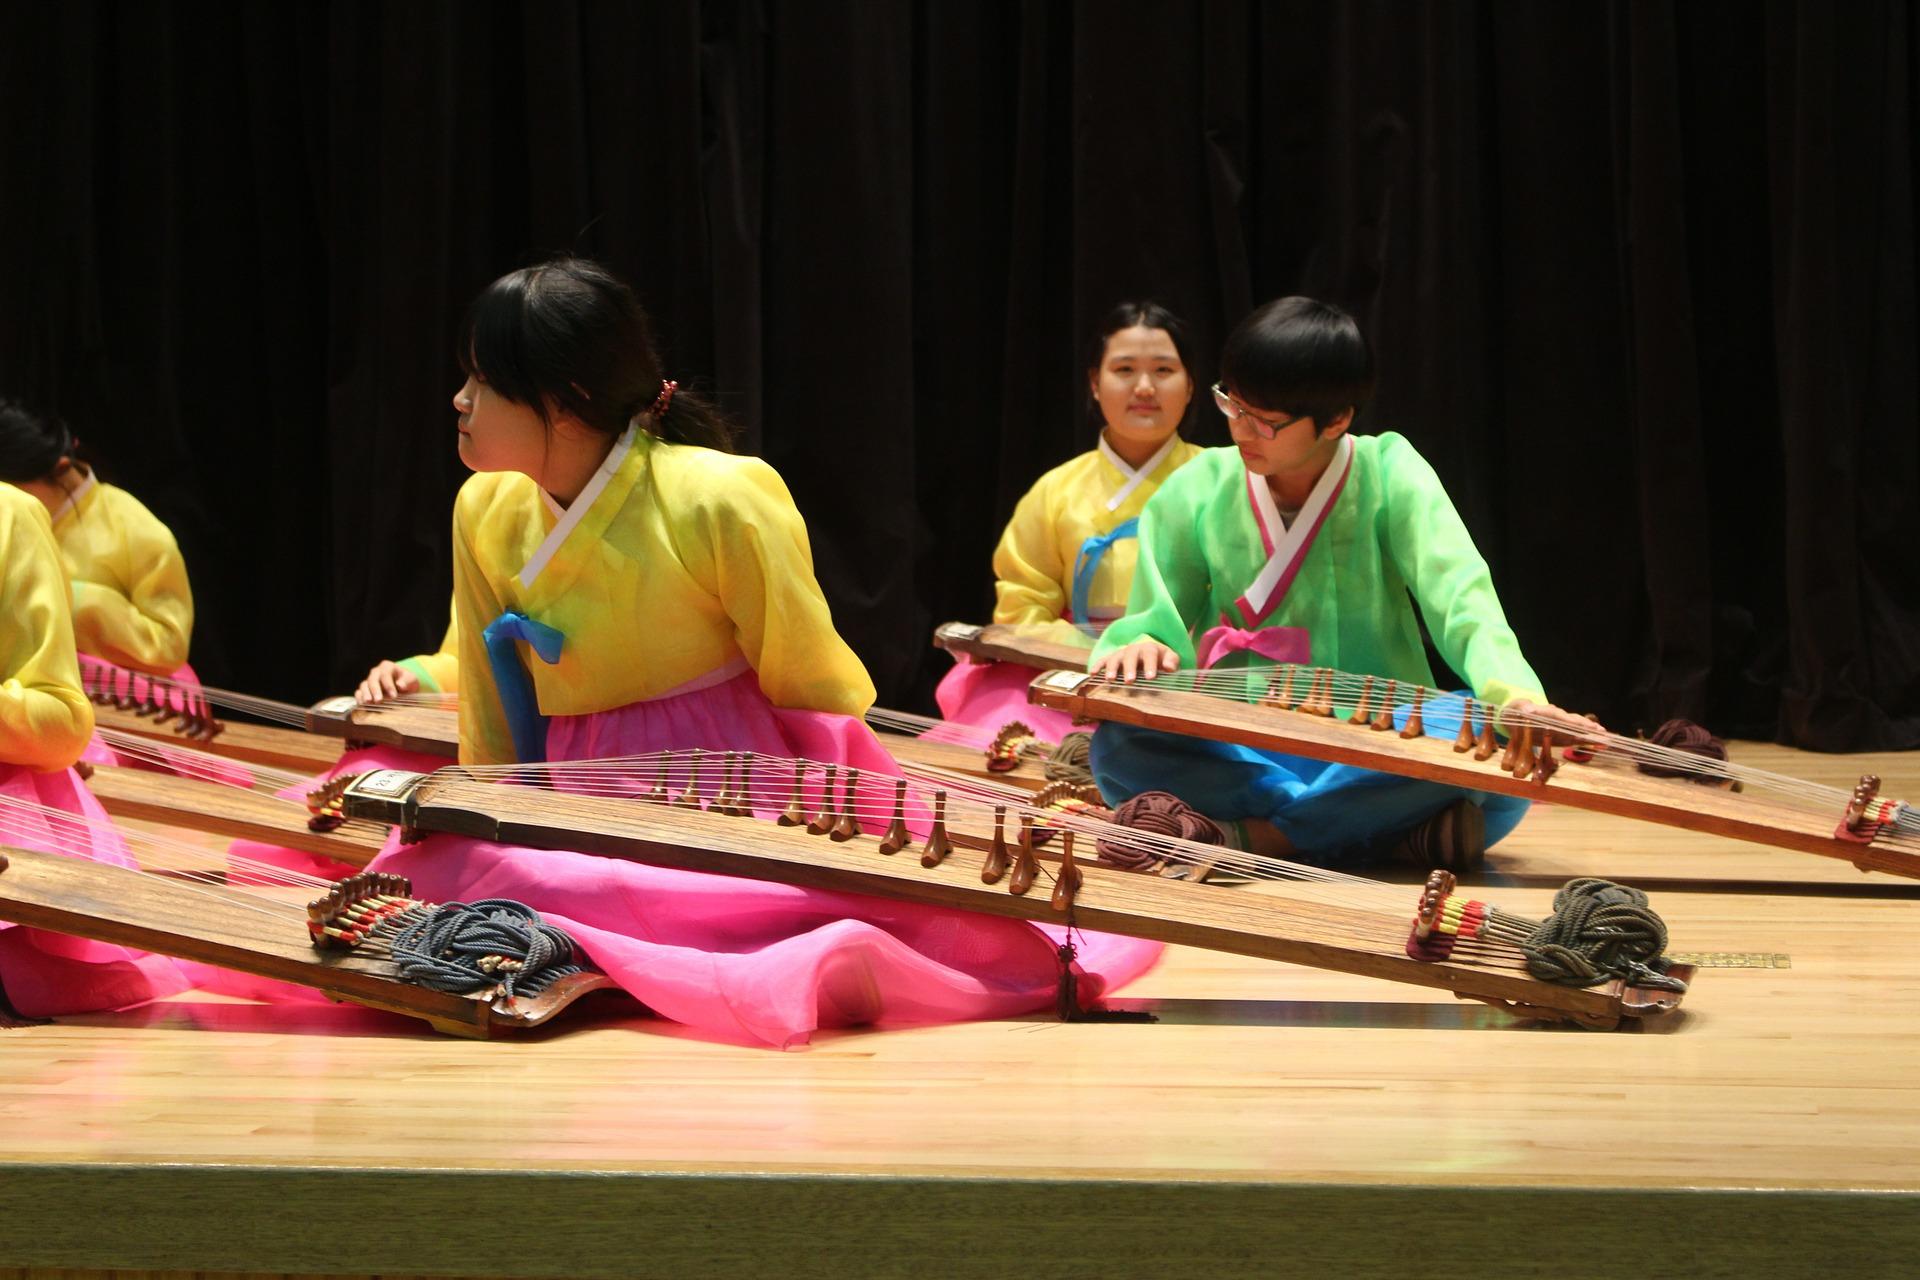 korean hanbok being worn